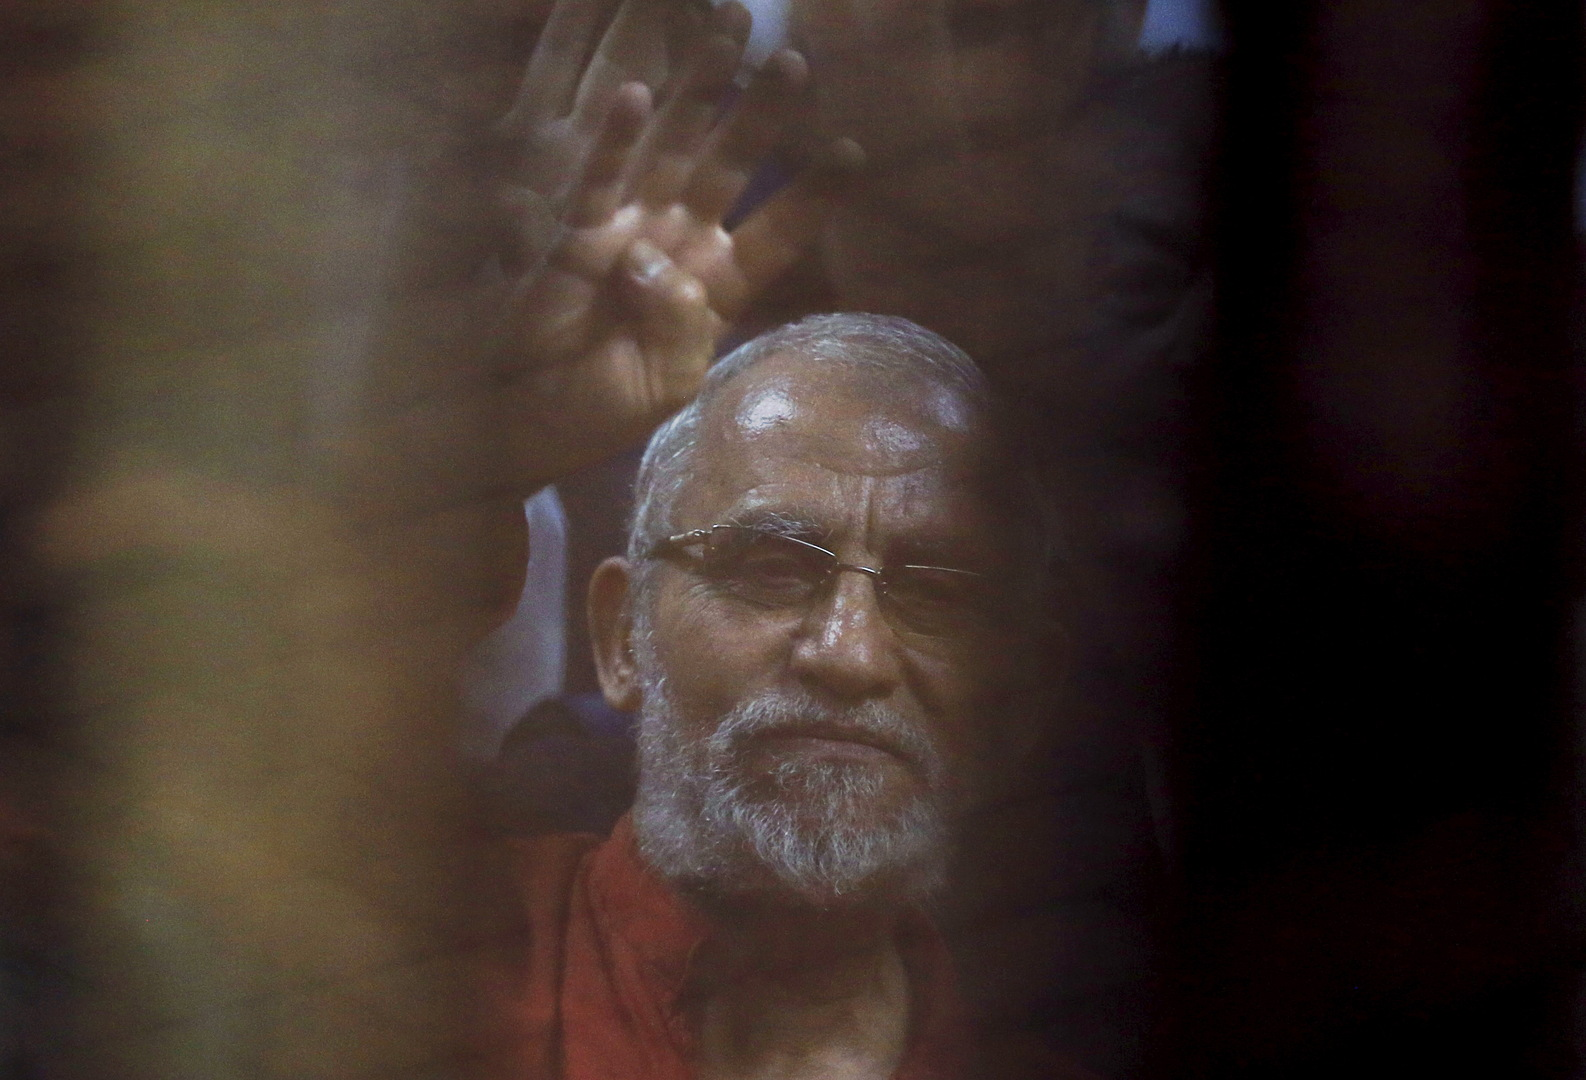 مصر.. محكمة النقض ترفض طعن مرشد جماعة الإخوان المسلمين